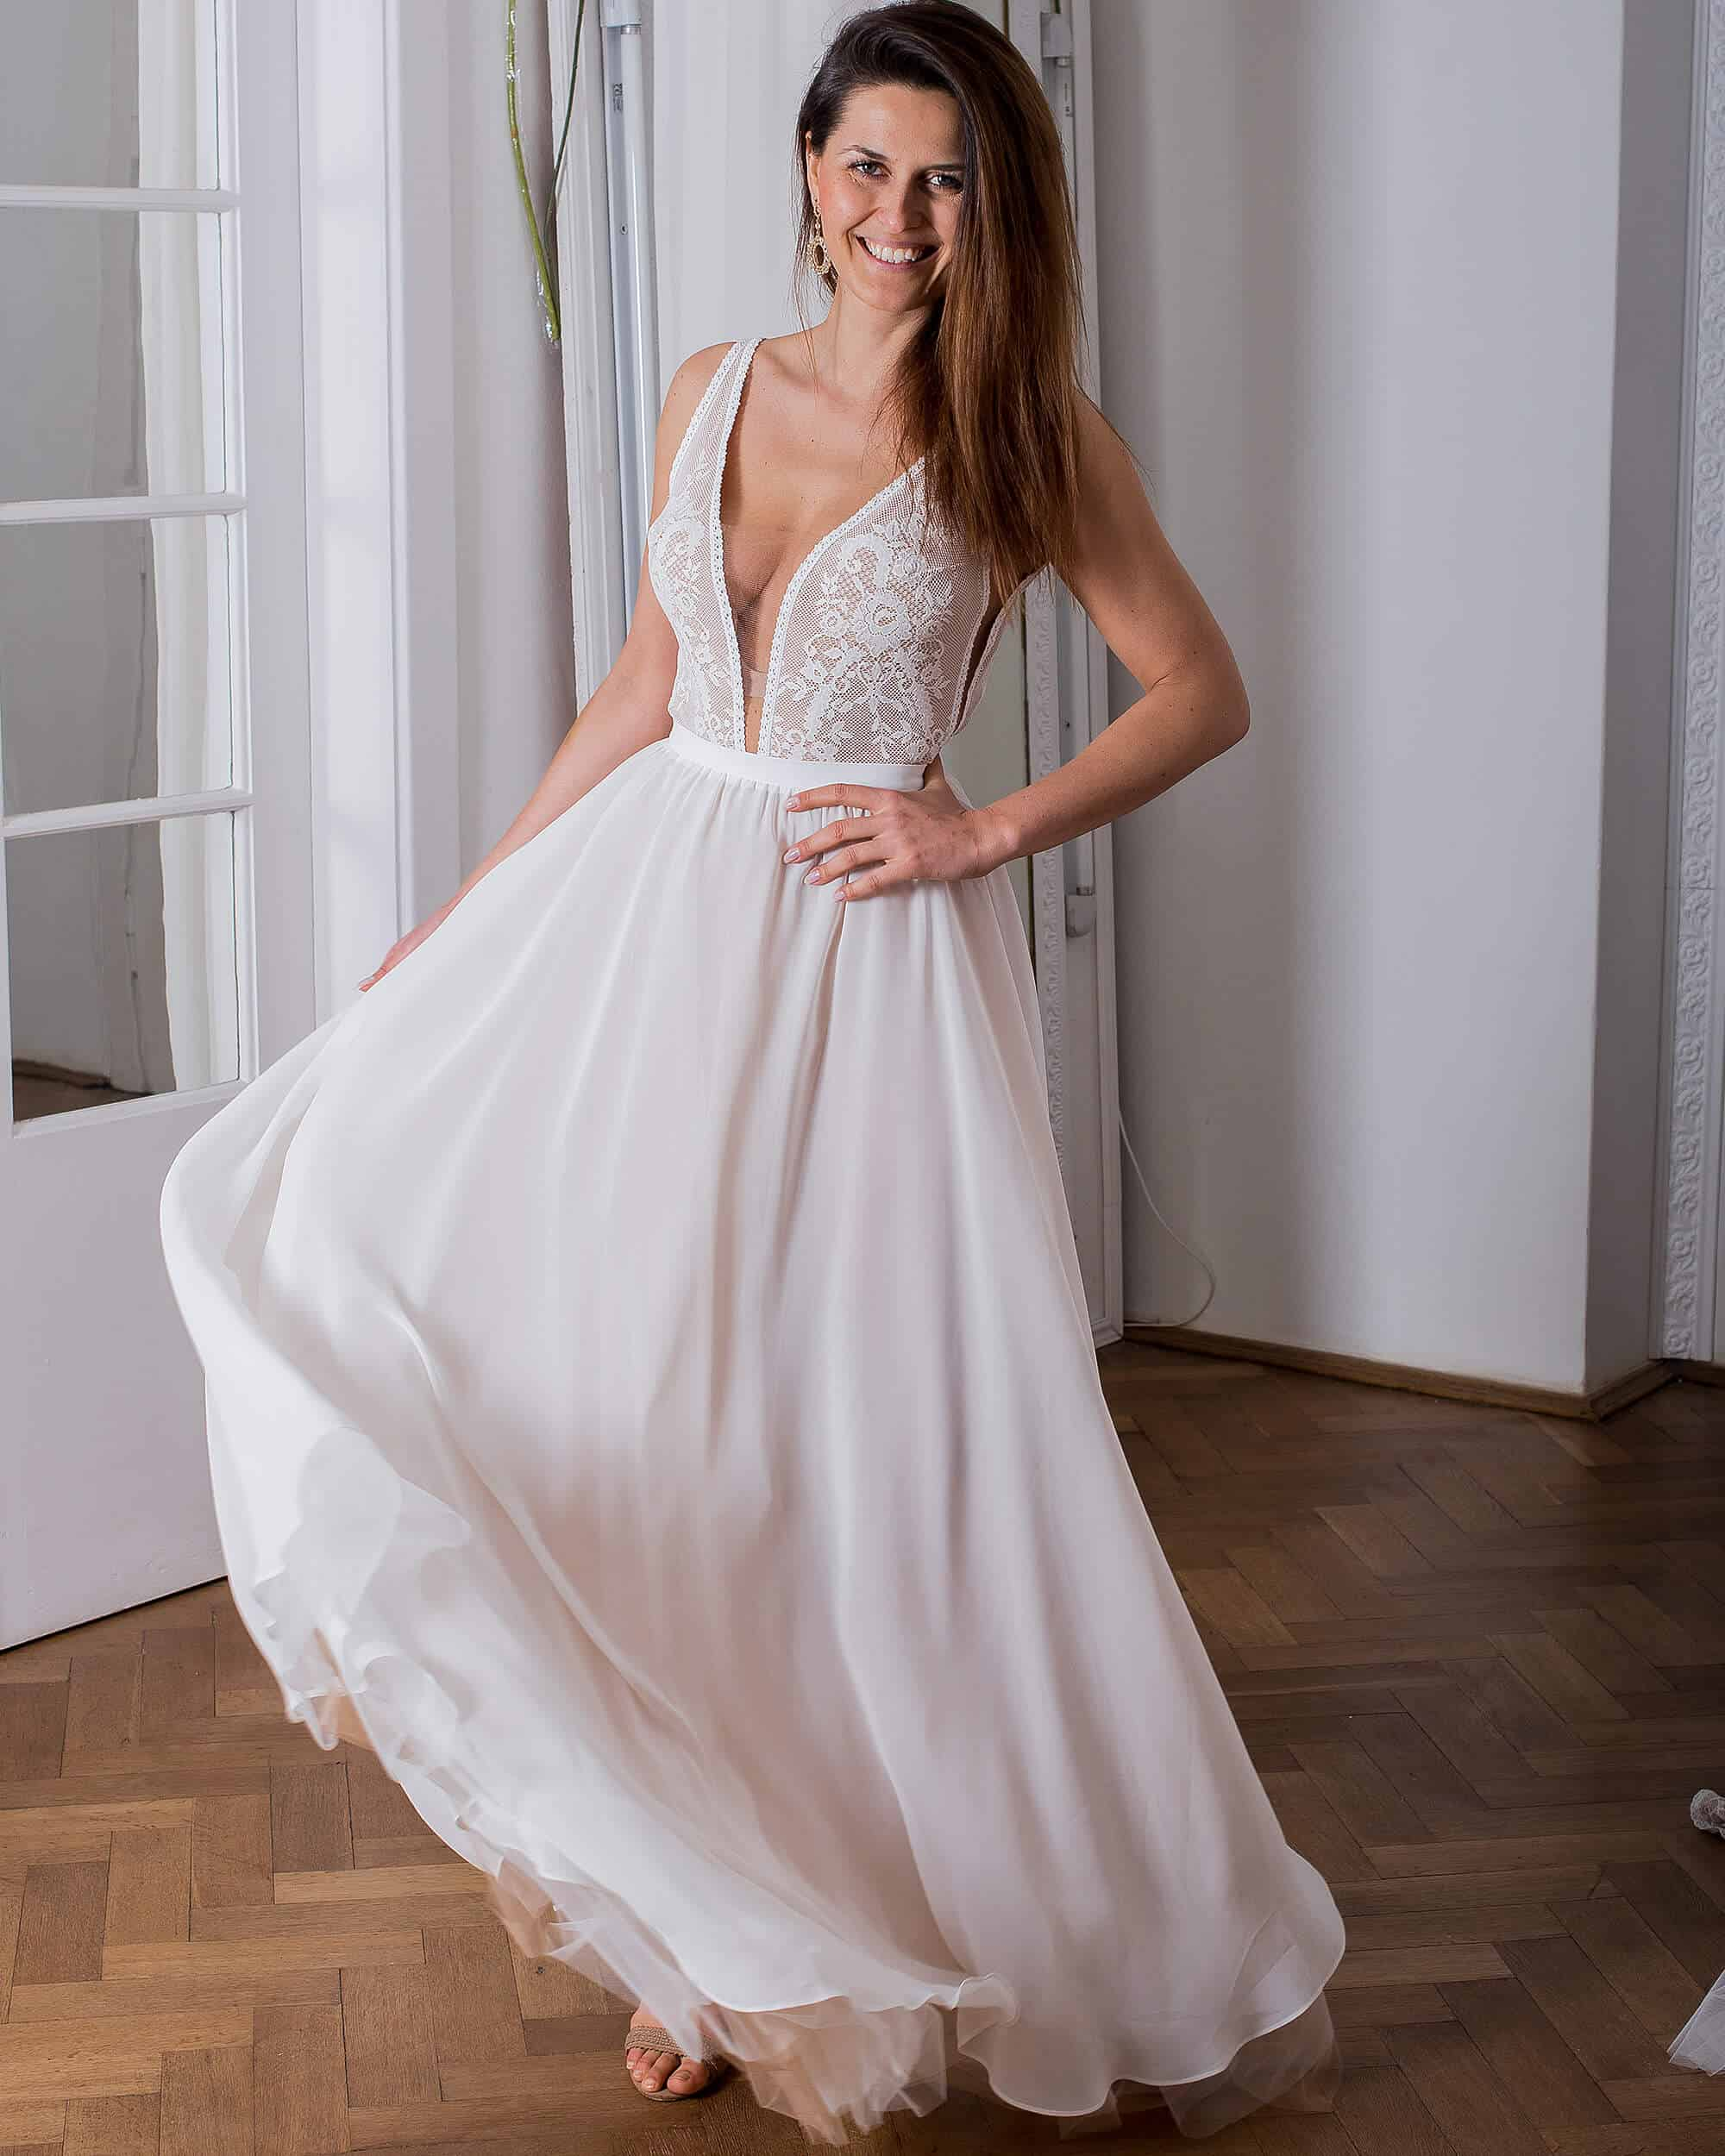 Wyjątkowe suknie ślubne na wyjątkowy dzień